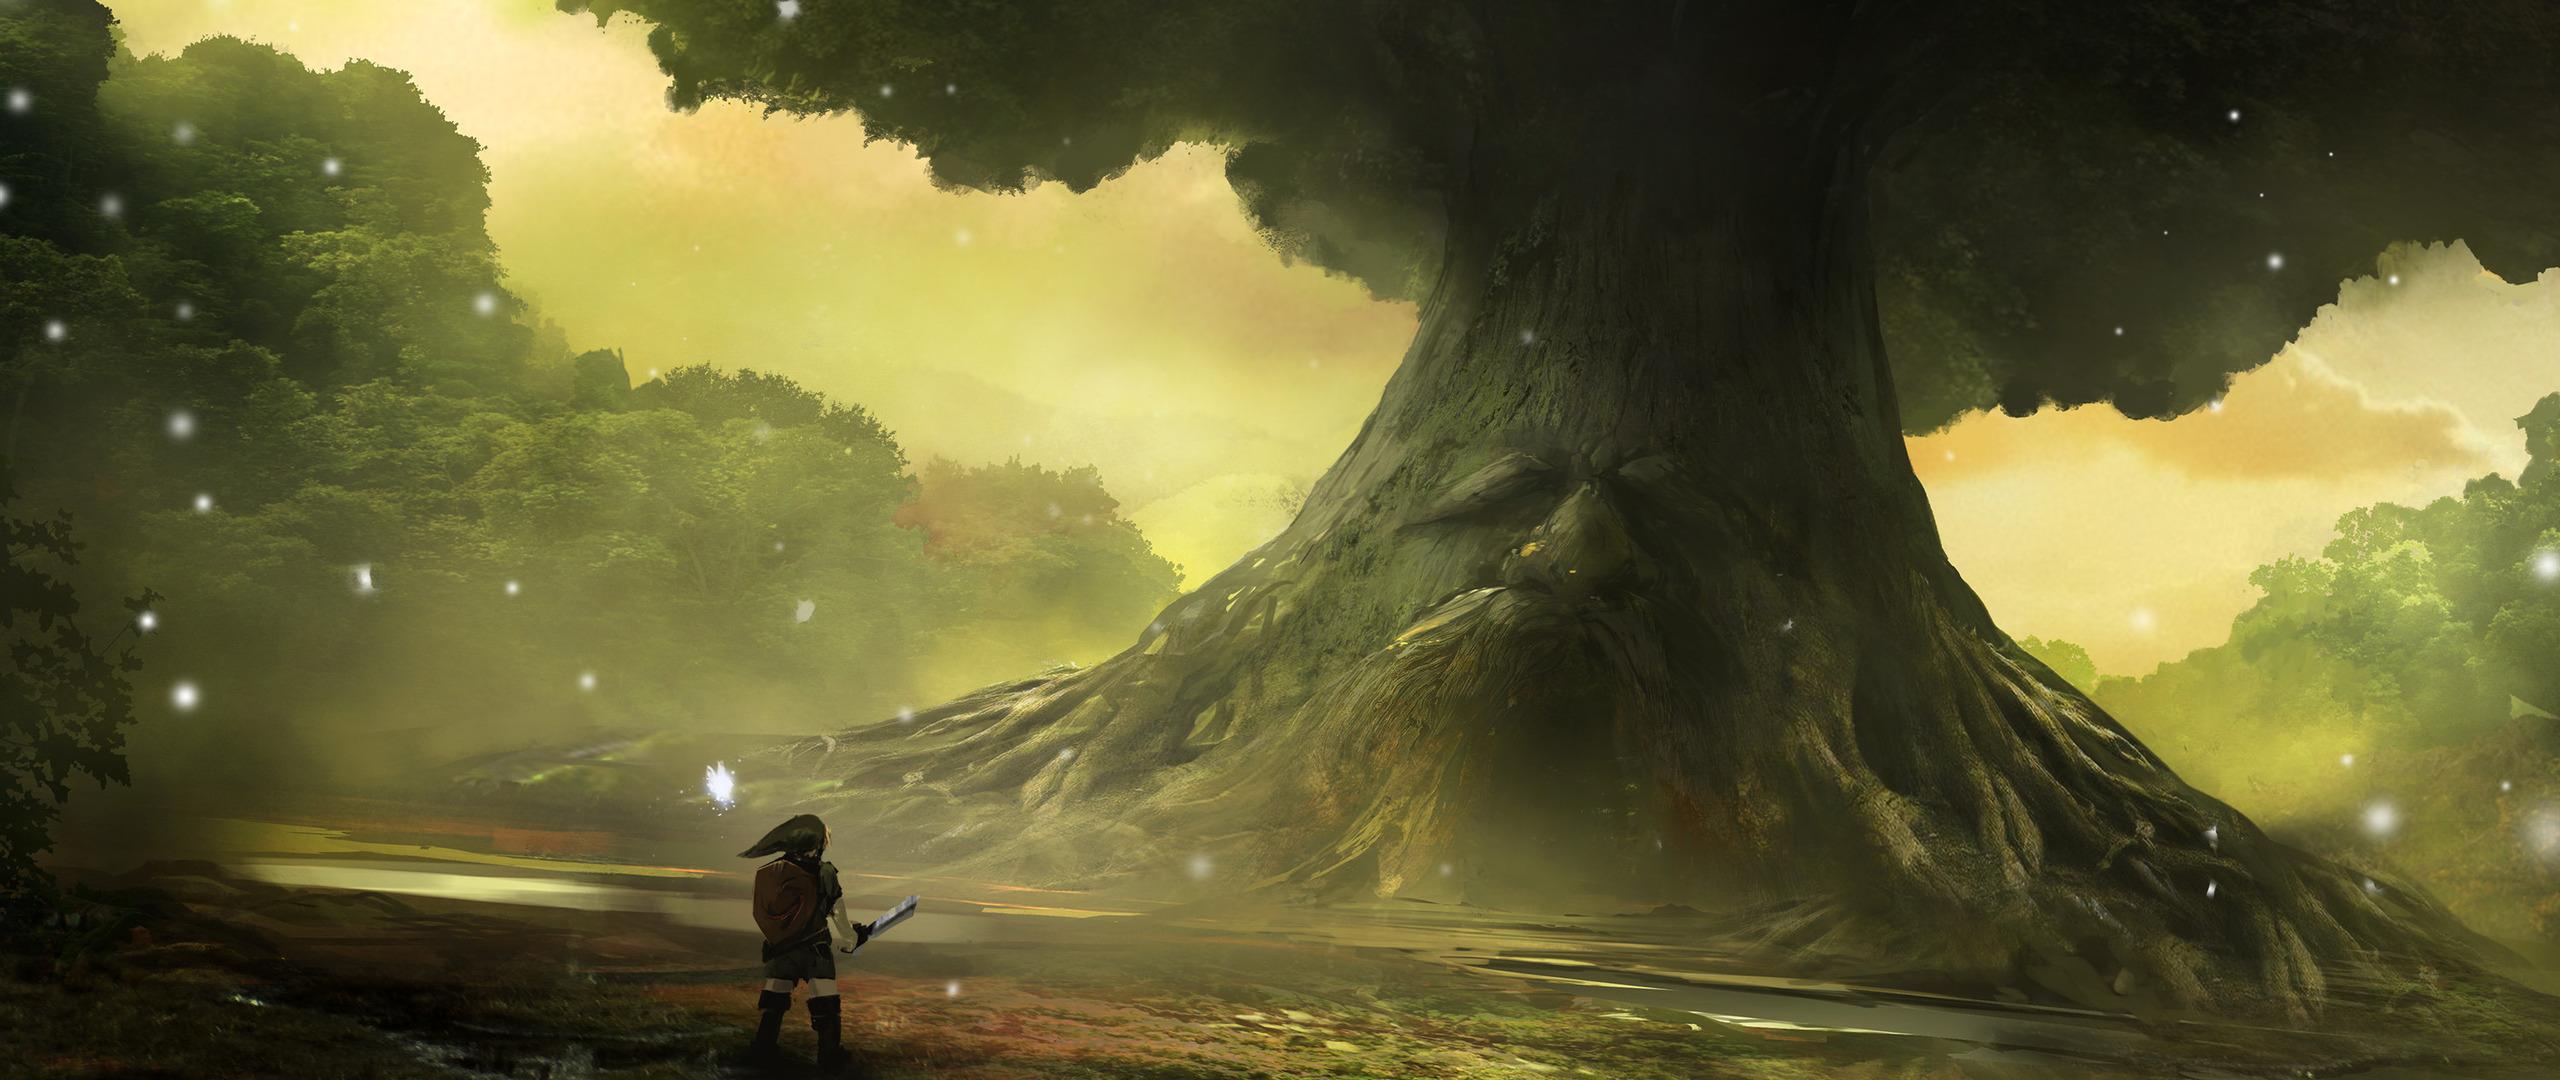 Zelda Ocarina Of Time 3d Wallpaper 2560x1080 Zelda Ocarina Of Time Artwork 2560x1080